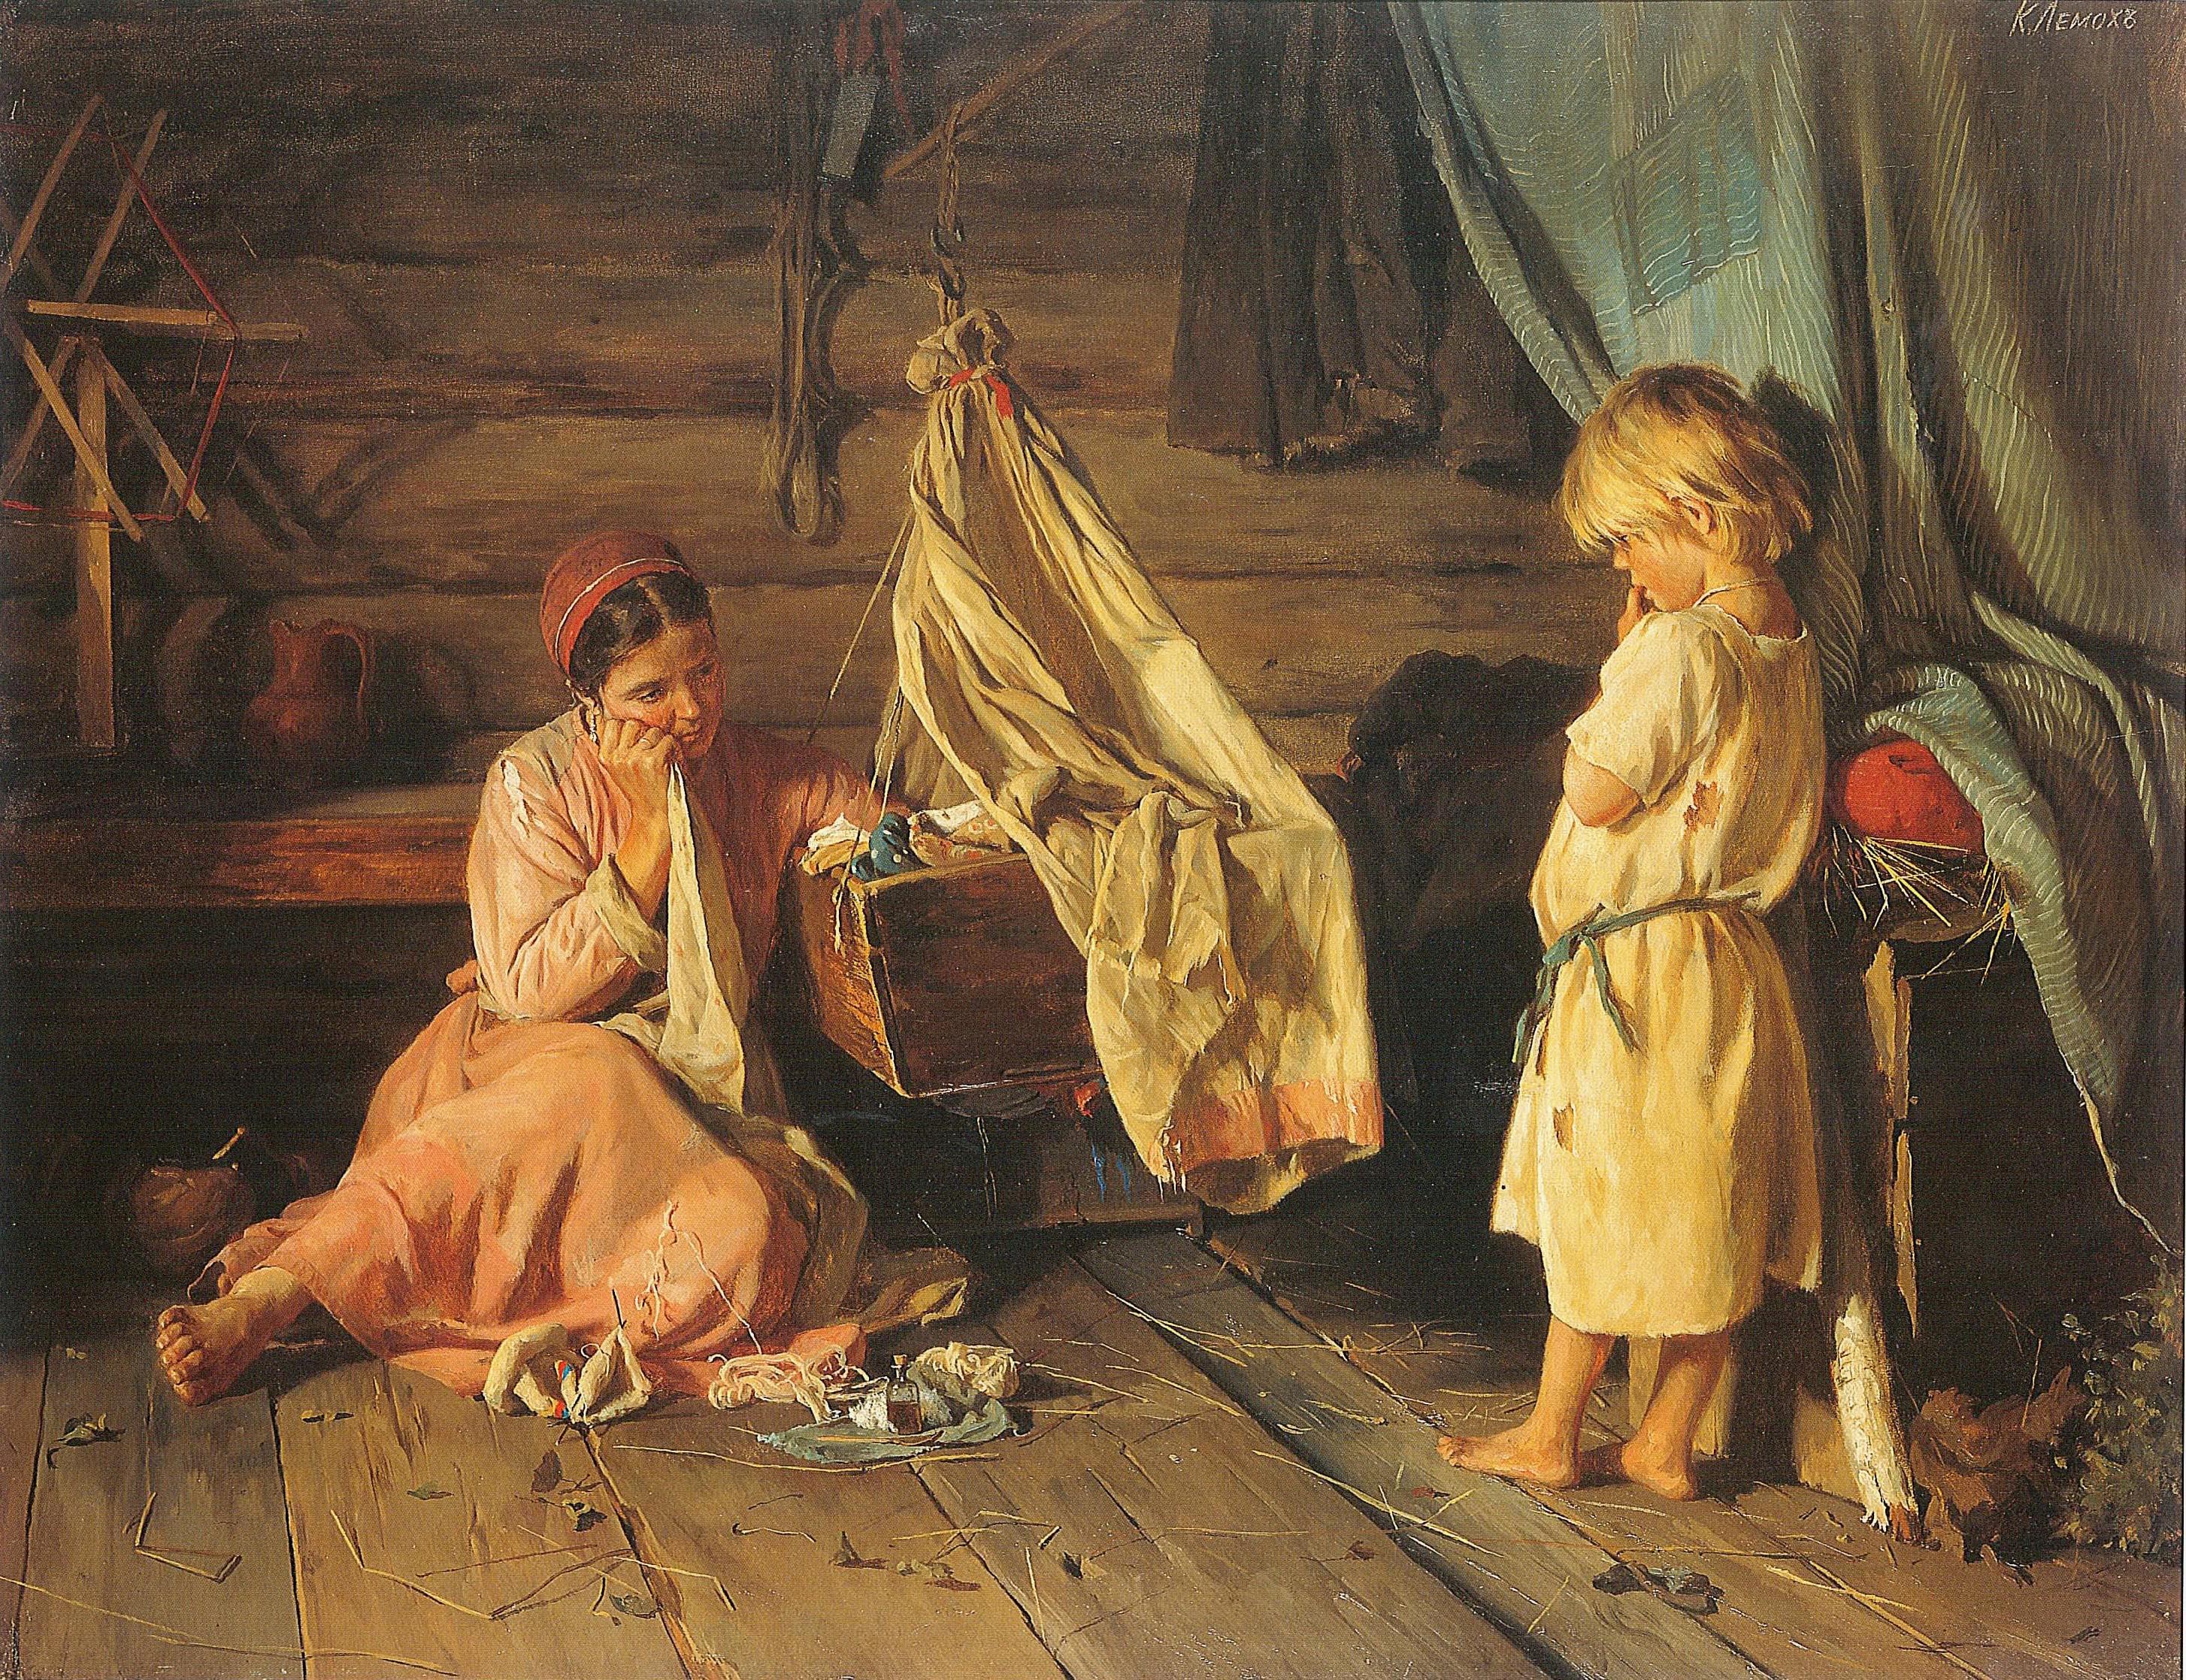 художники не знают о совместном сне с ребенком